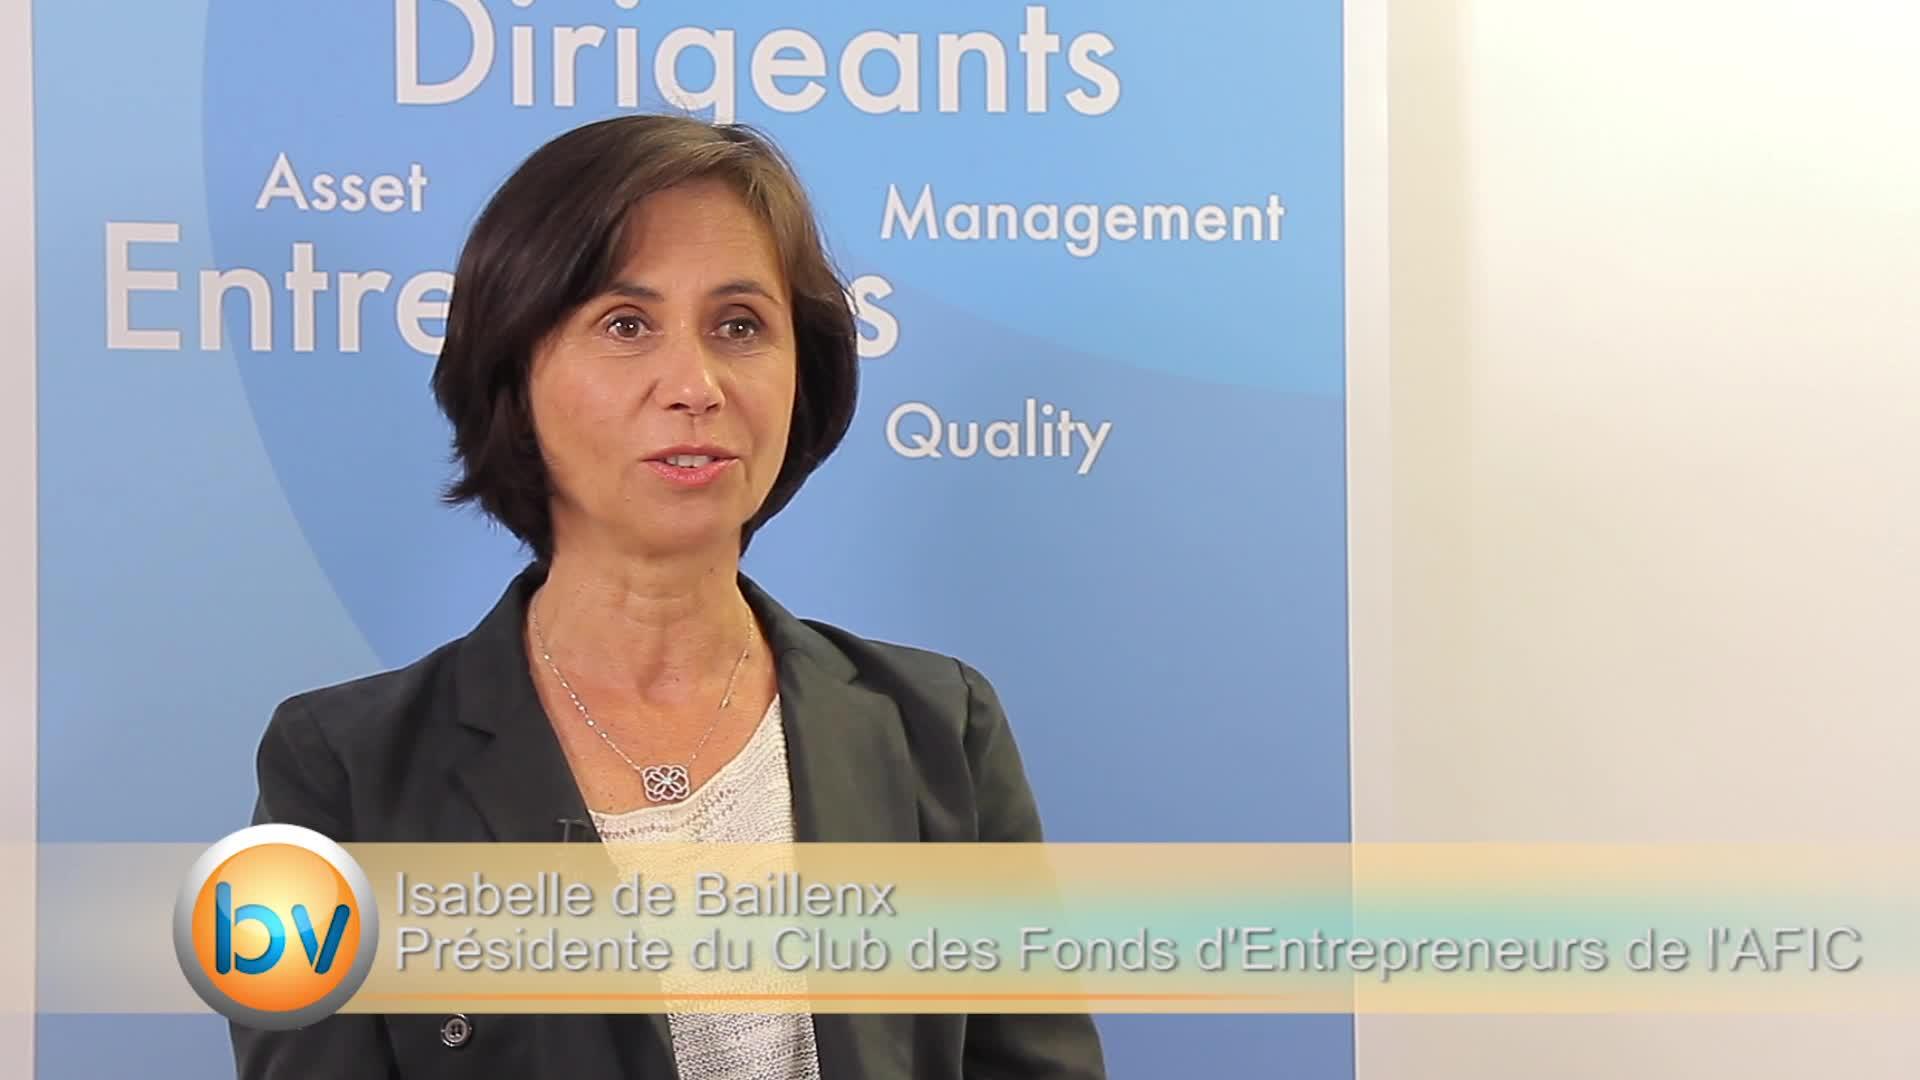 Isabelle de Baillenx Présidente du Club des Fonds d'Entrepreneurs de l'AFIC : «L'investissement d'un entrepreneur est avisé mais dynamique»